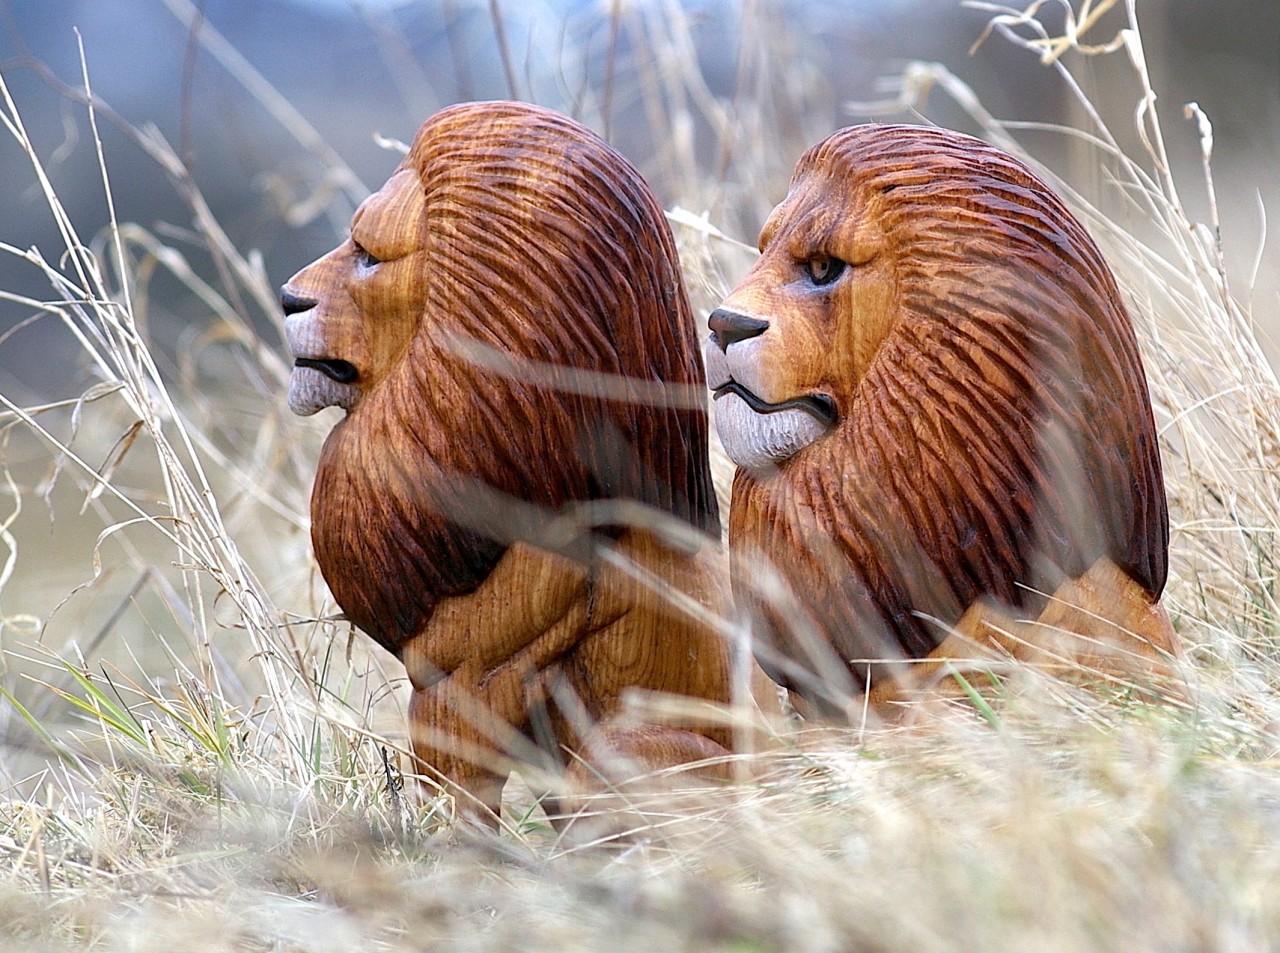 lev ze dřeva, dřevěný lev, sošky lvů, socha lva